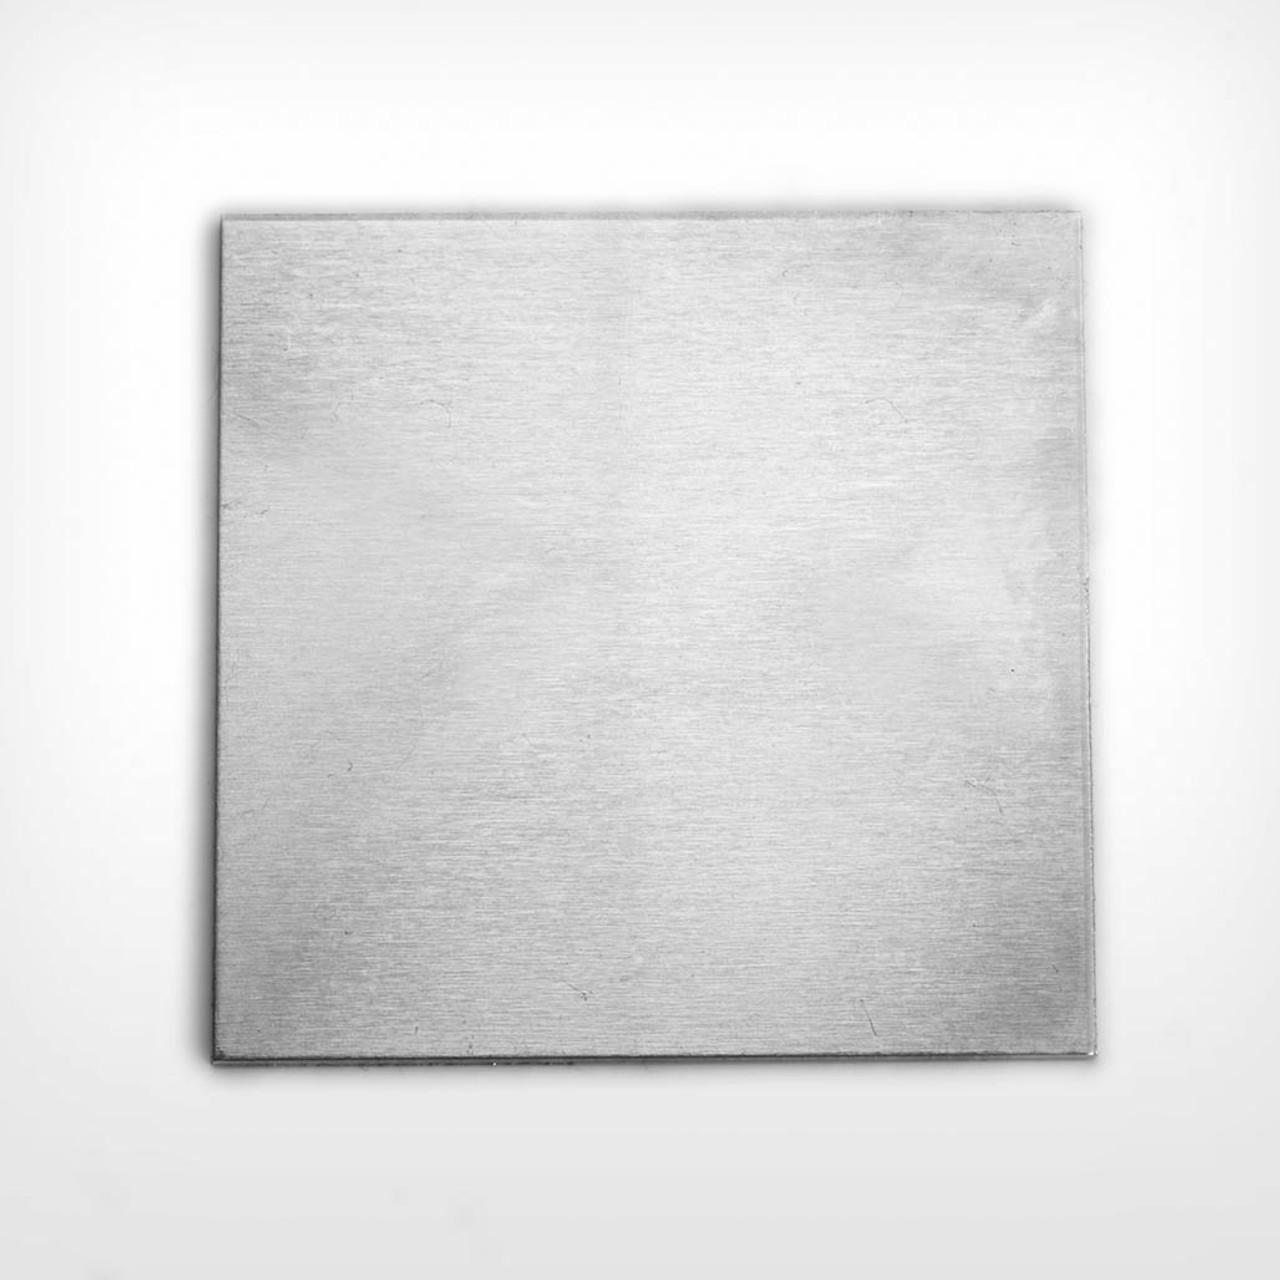 Aluminium Square, 50mm - Pack of 2 (517-AL)